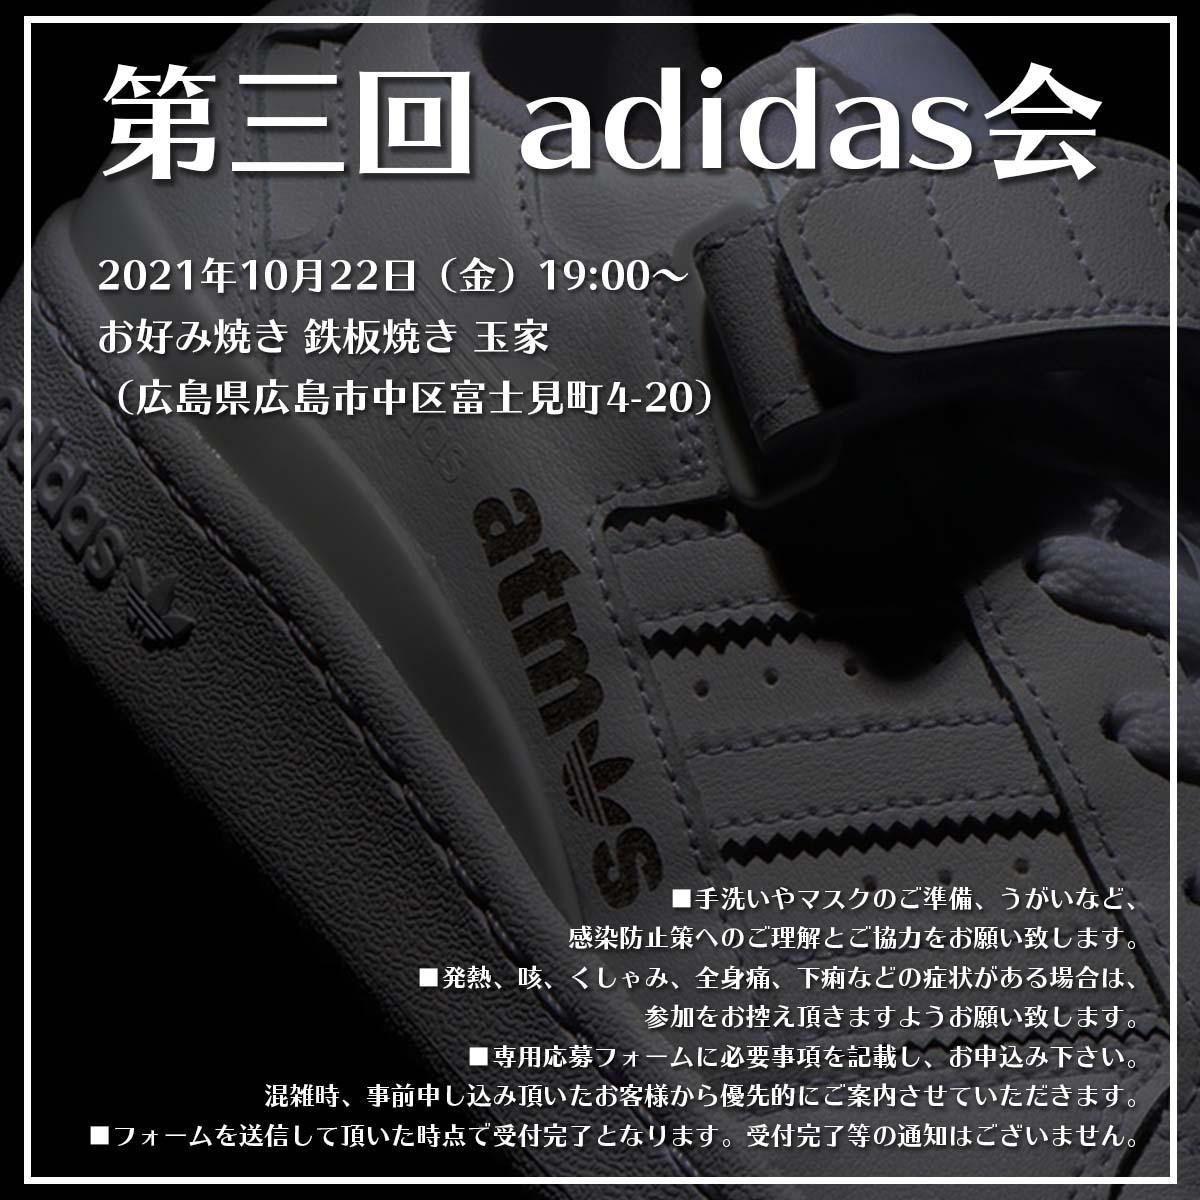 第3回 adidas会開催決定!!